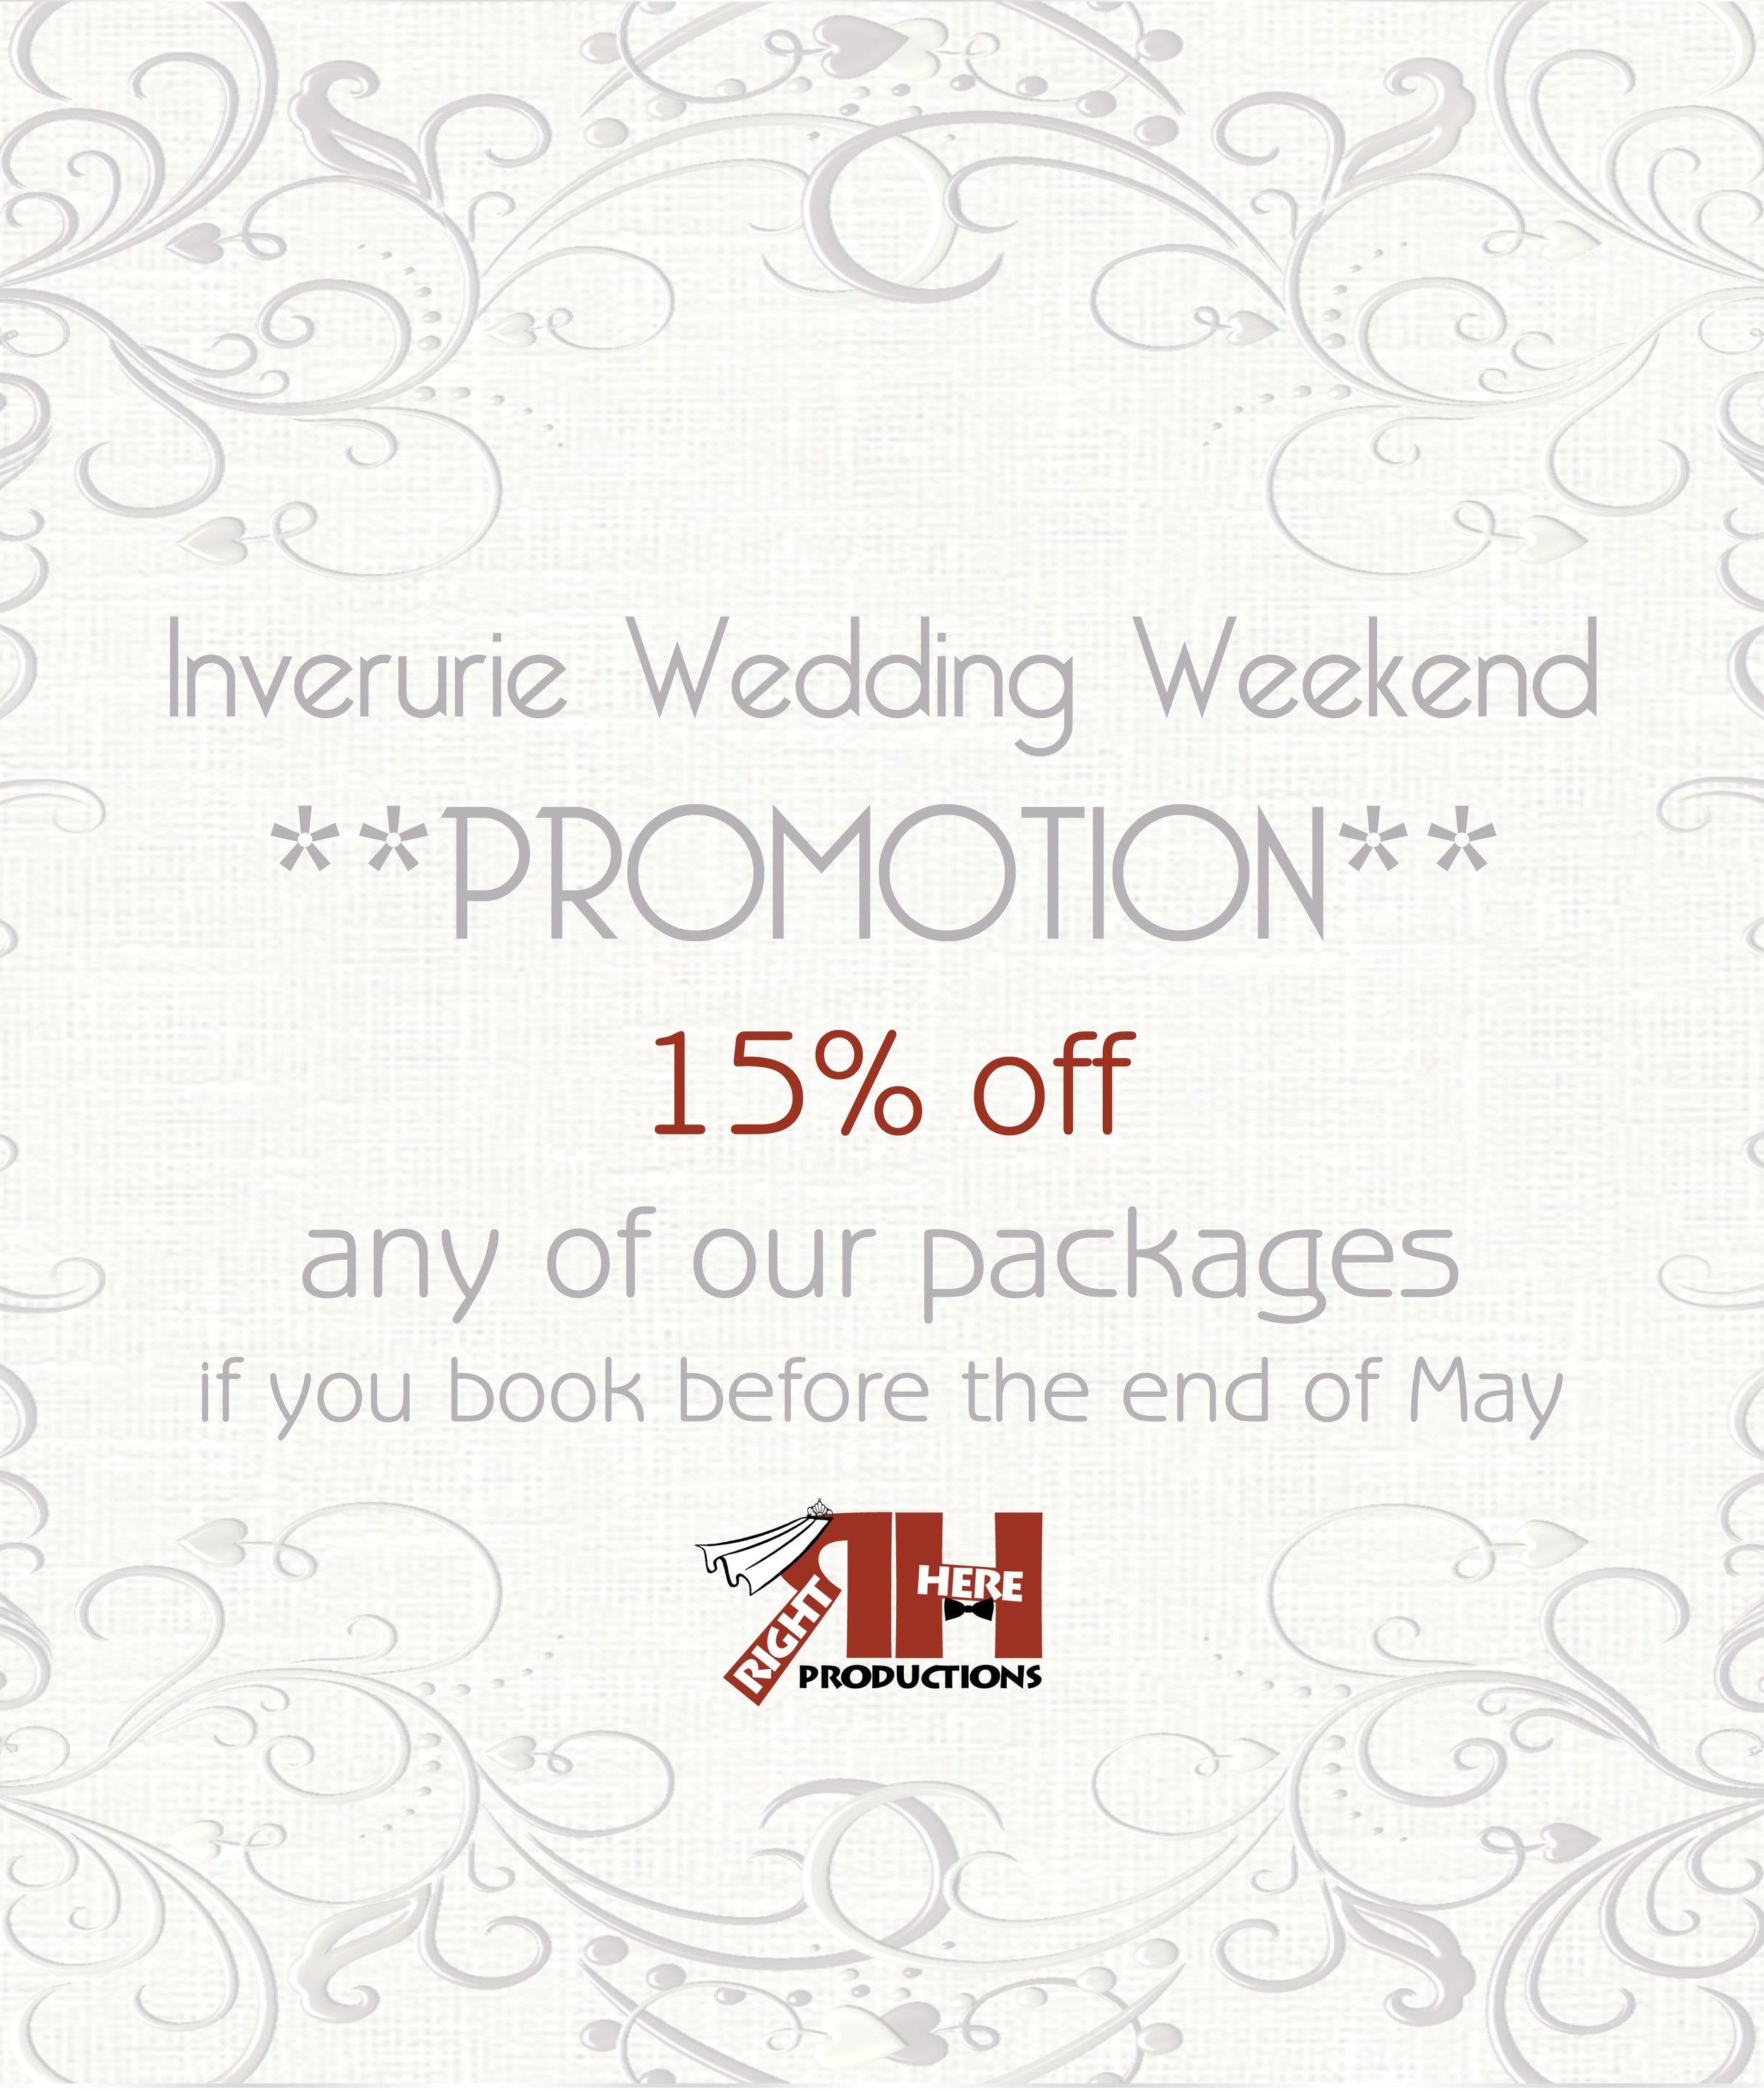 Wedding Weekend Promotion.jpg